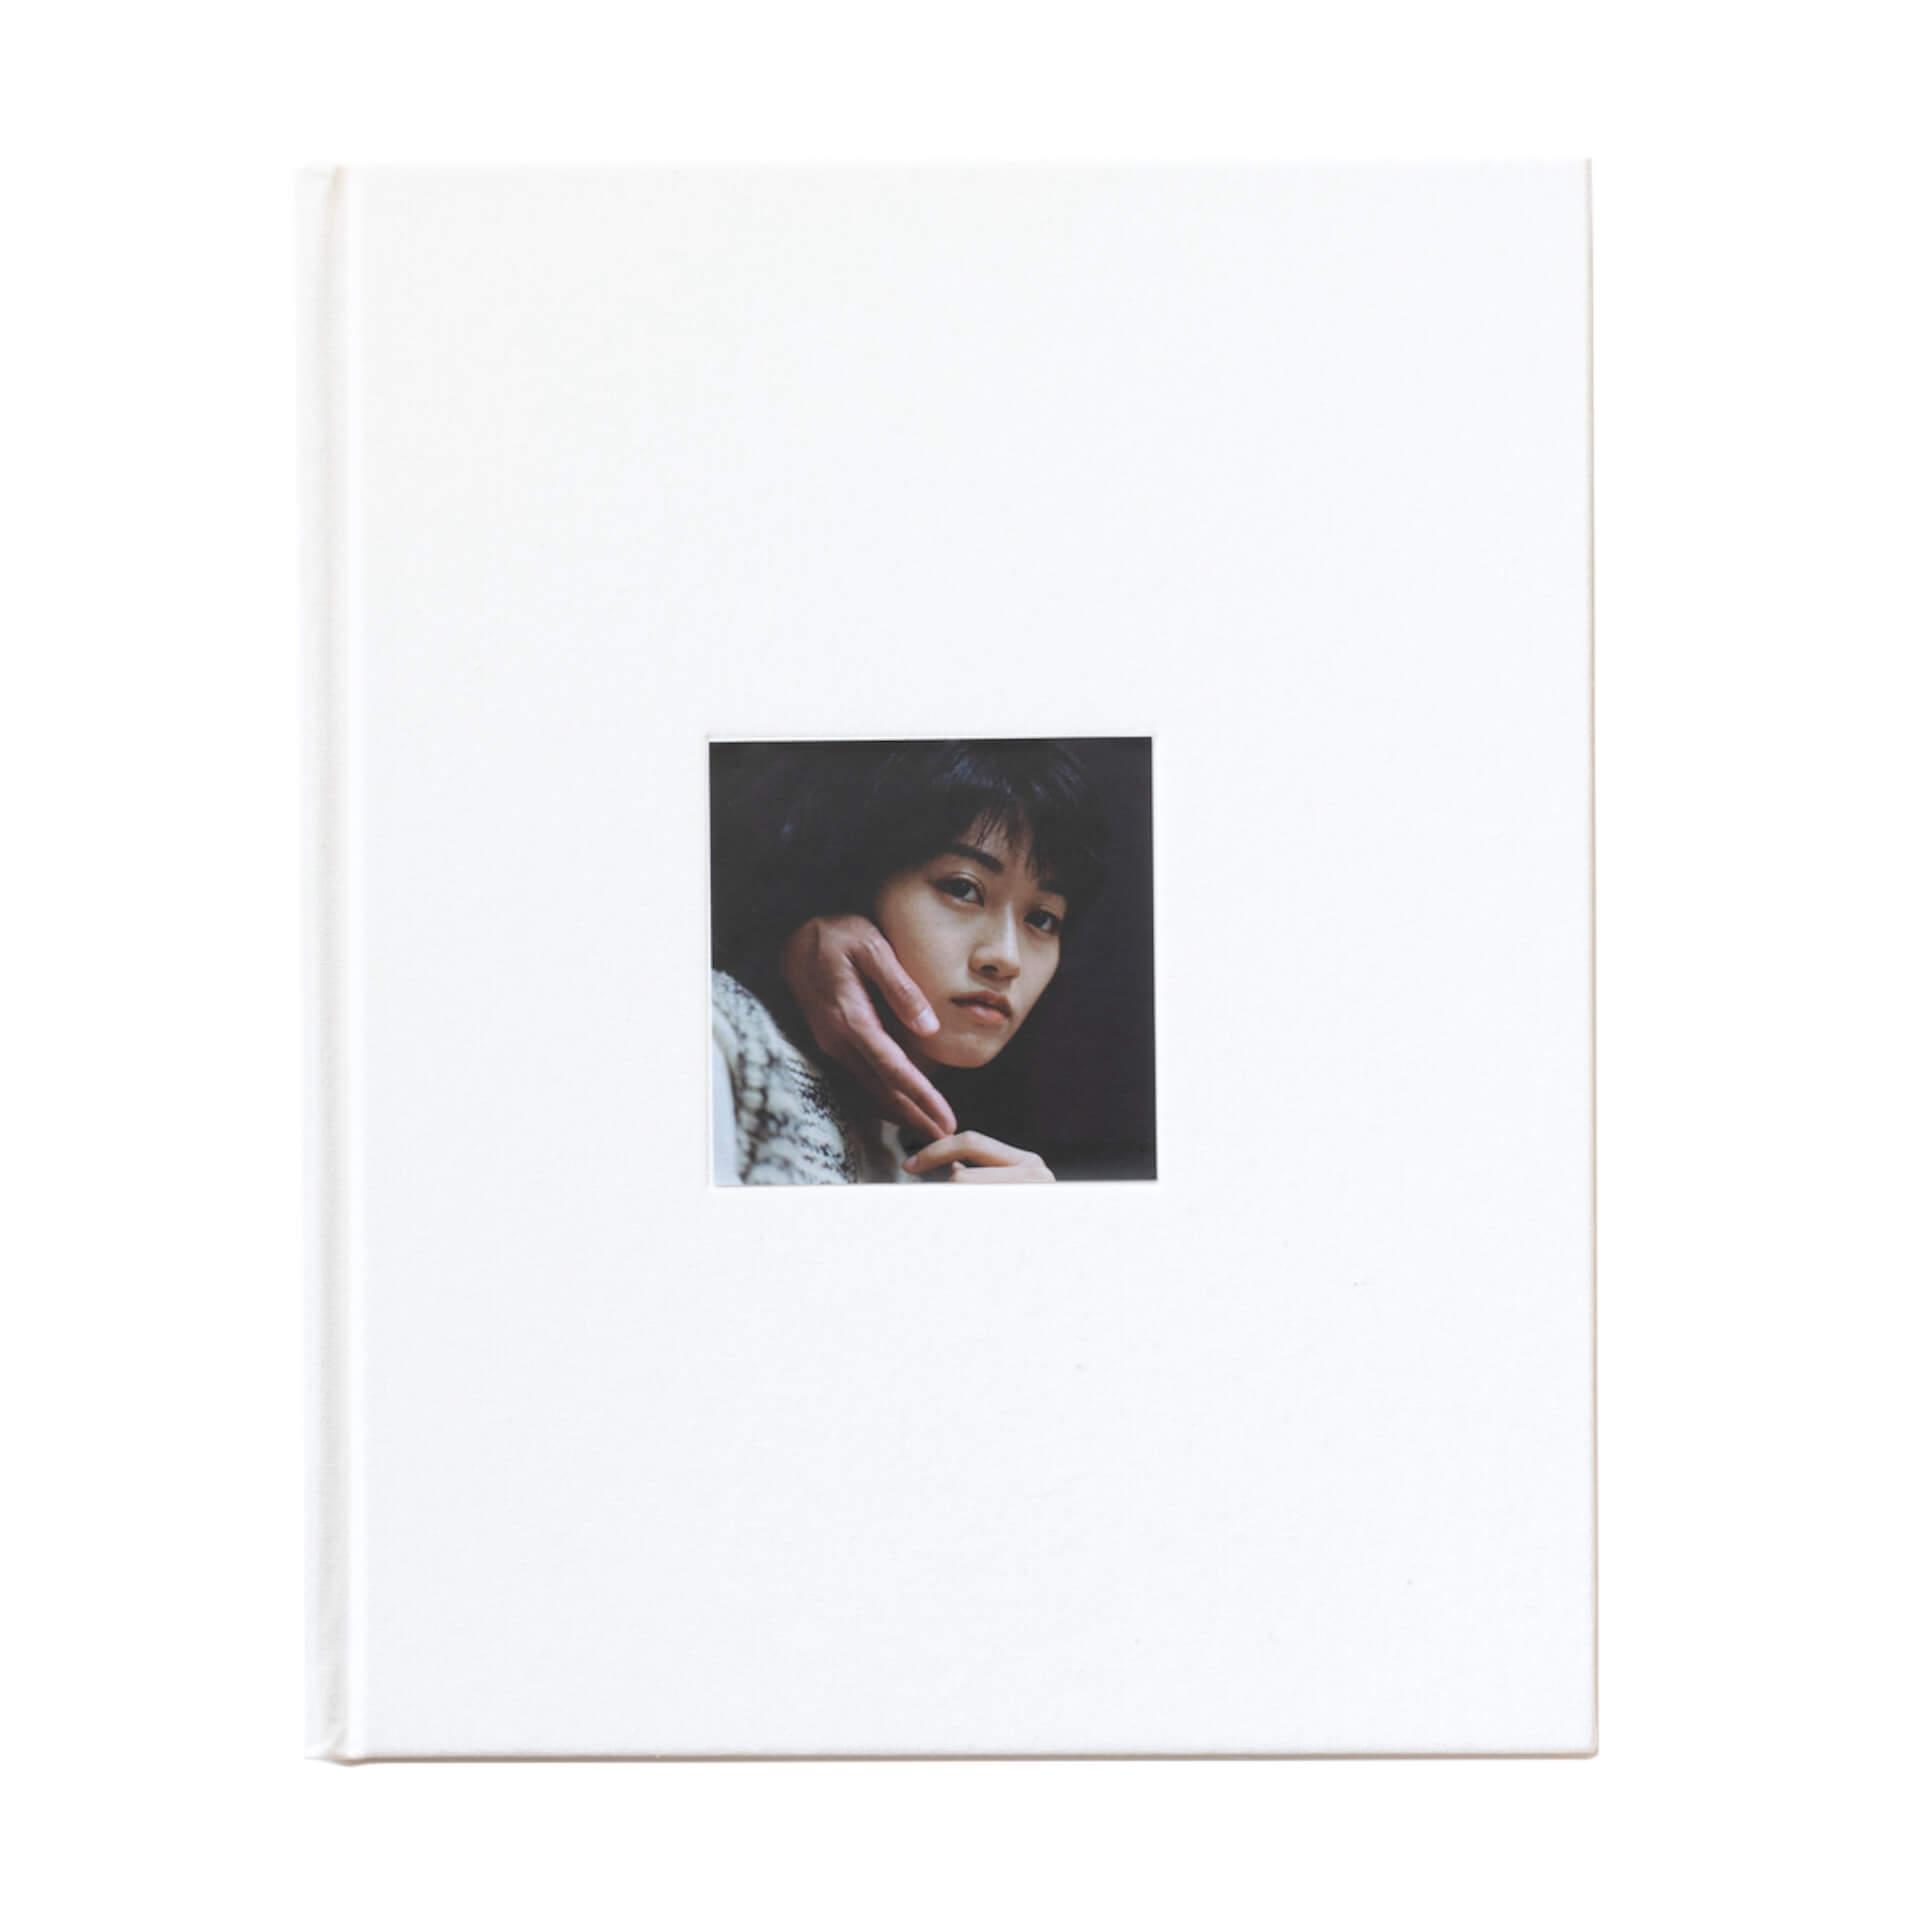 アートブックノススメ|Qetic編集部が選ぶ5冊/Roni Ahn 他 column210916_artbook-020